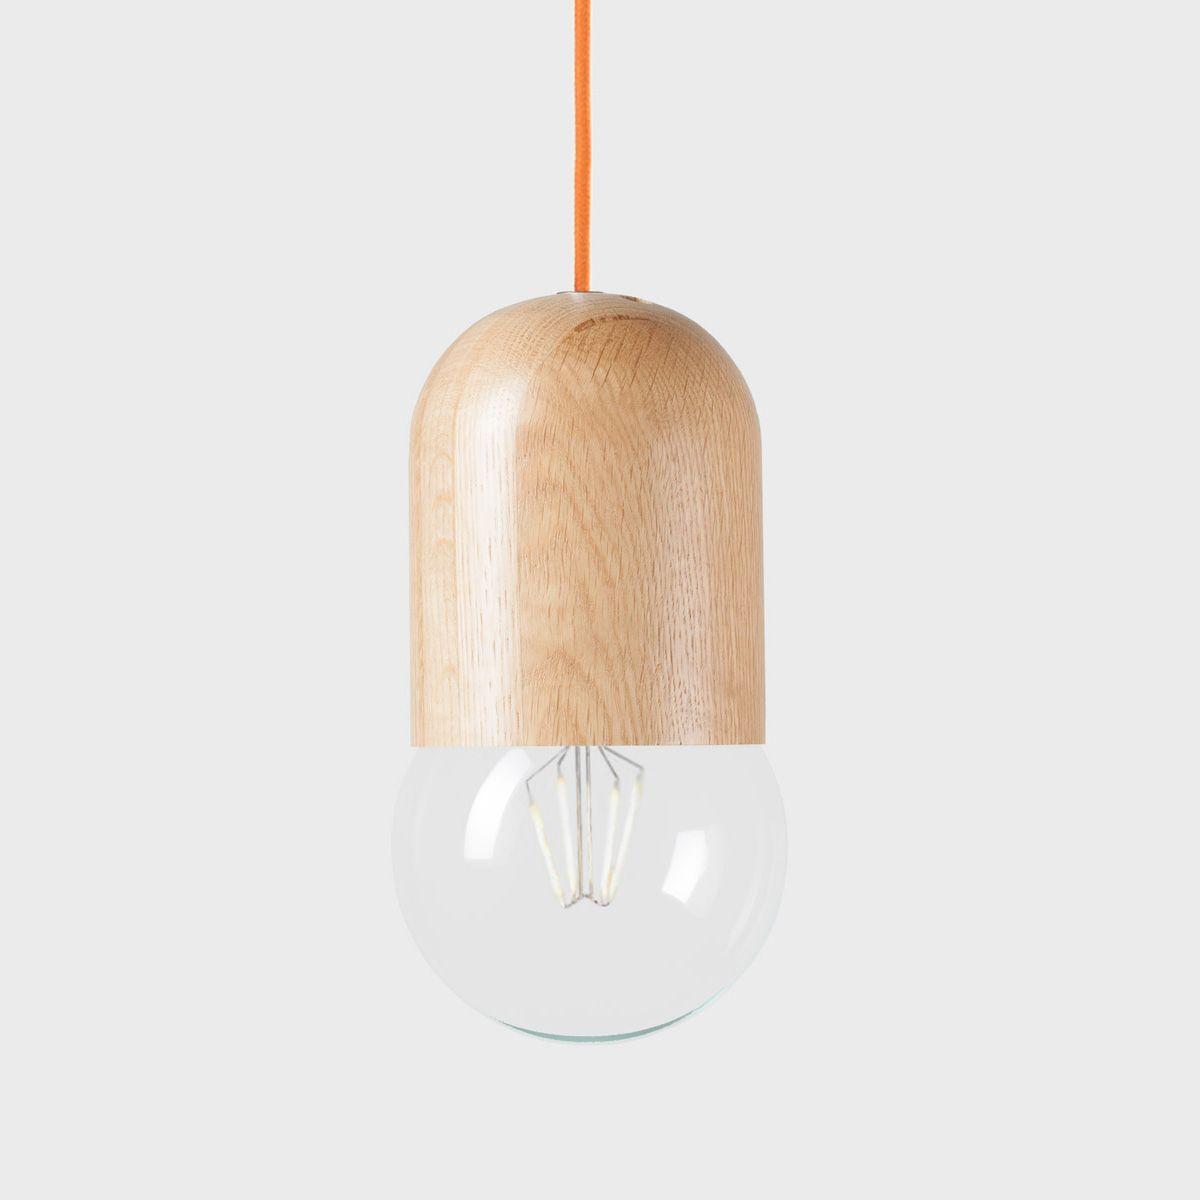 Подвесной светильник Light Bean Bubble с оранжевым проводомПодвесные светильники<br><br>